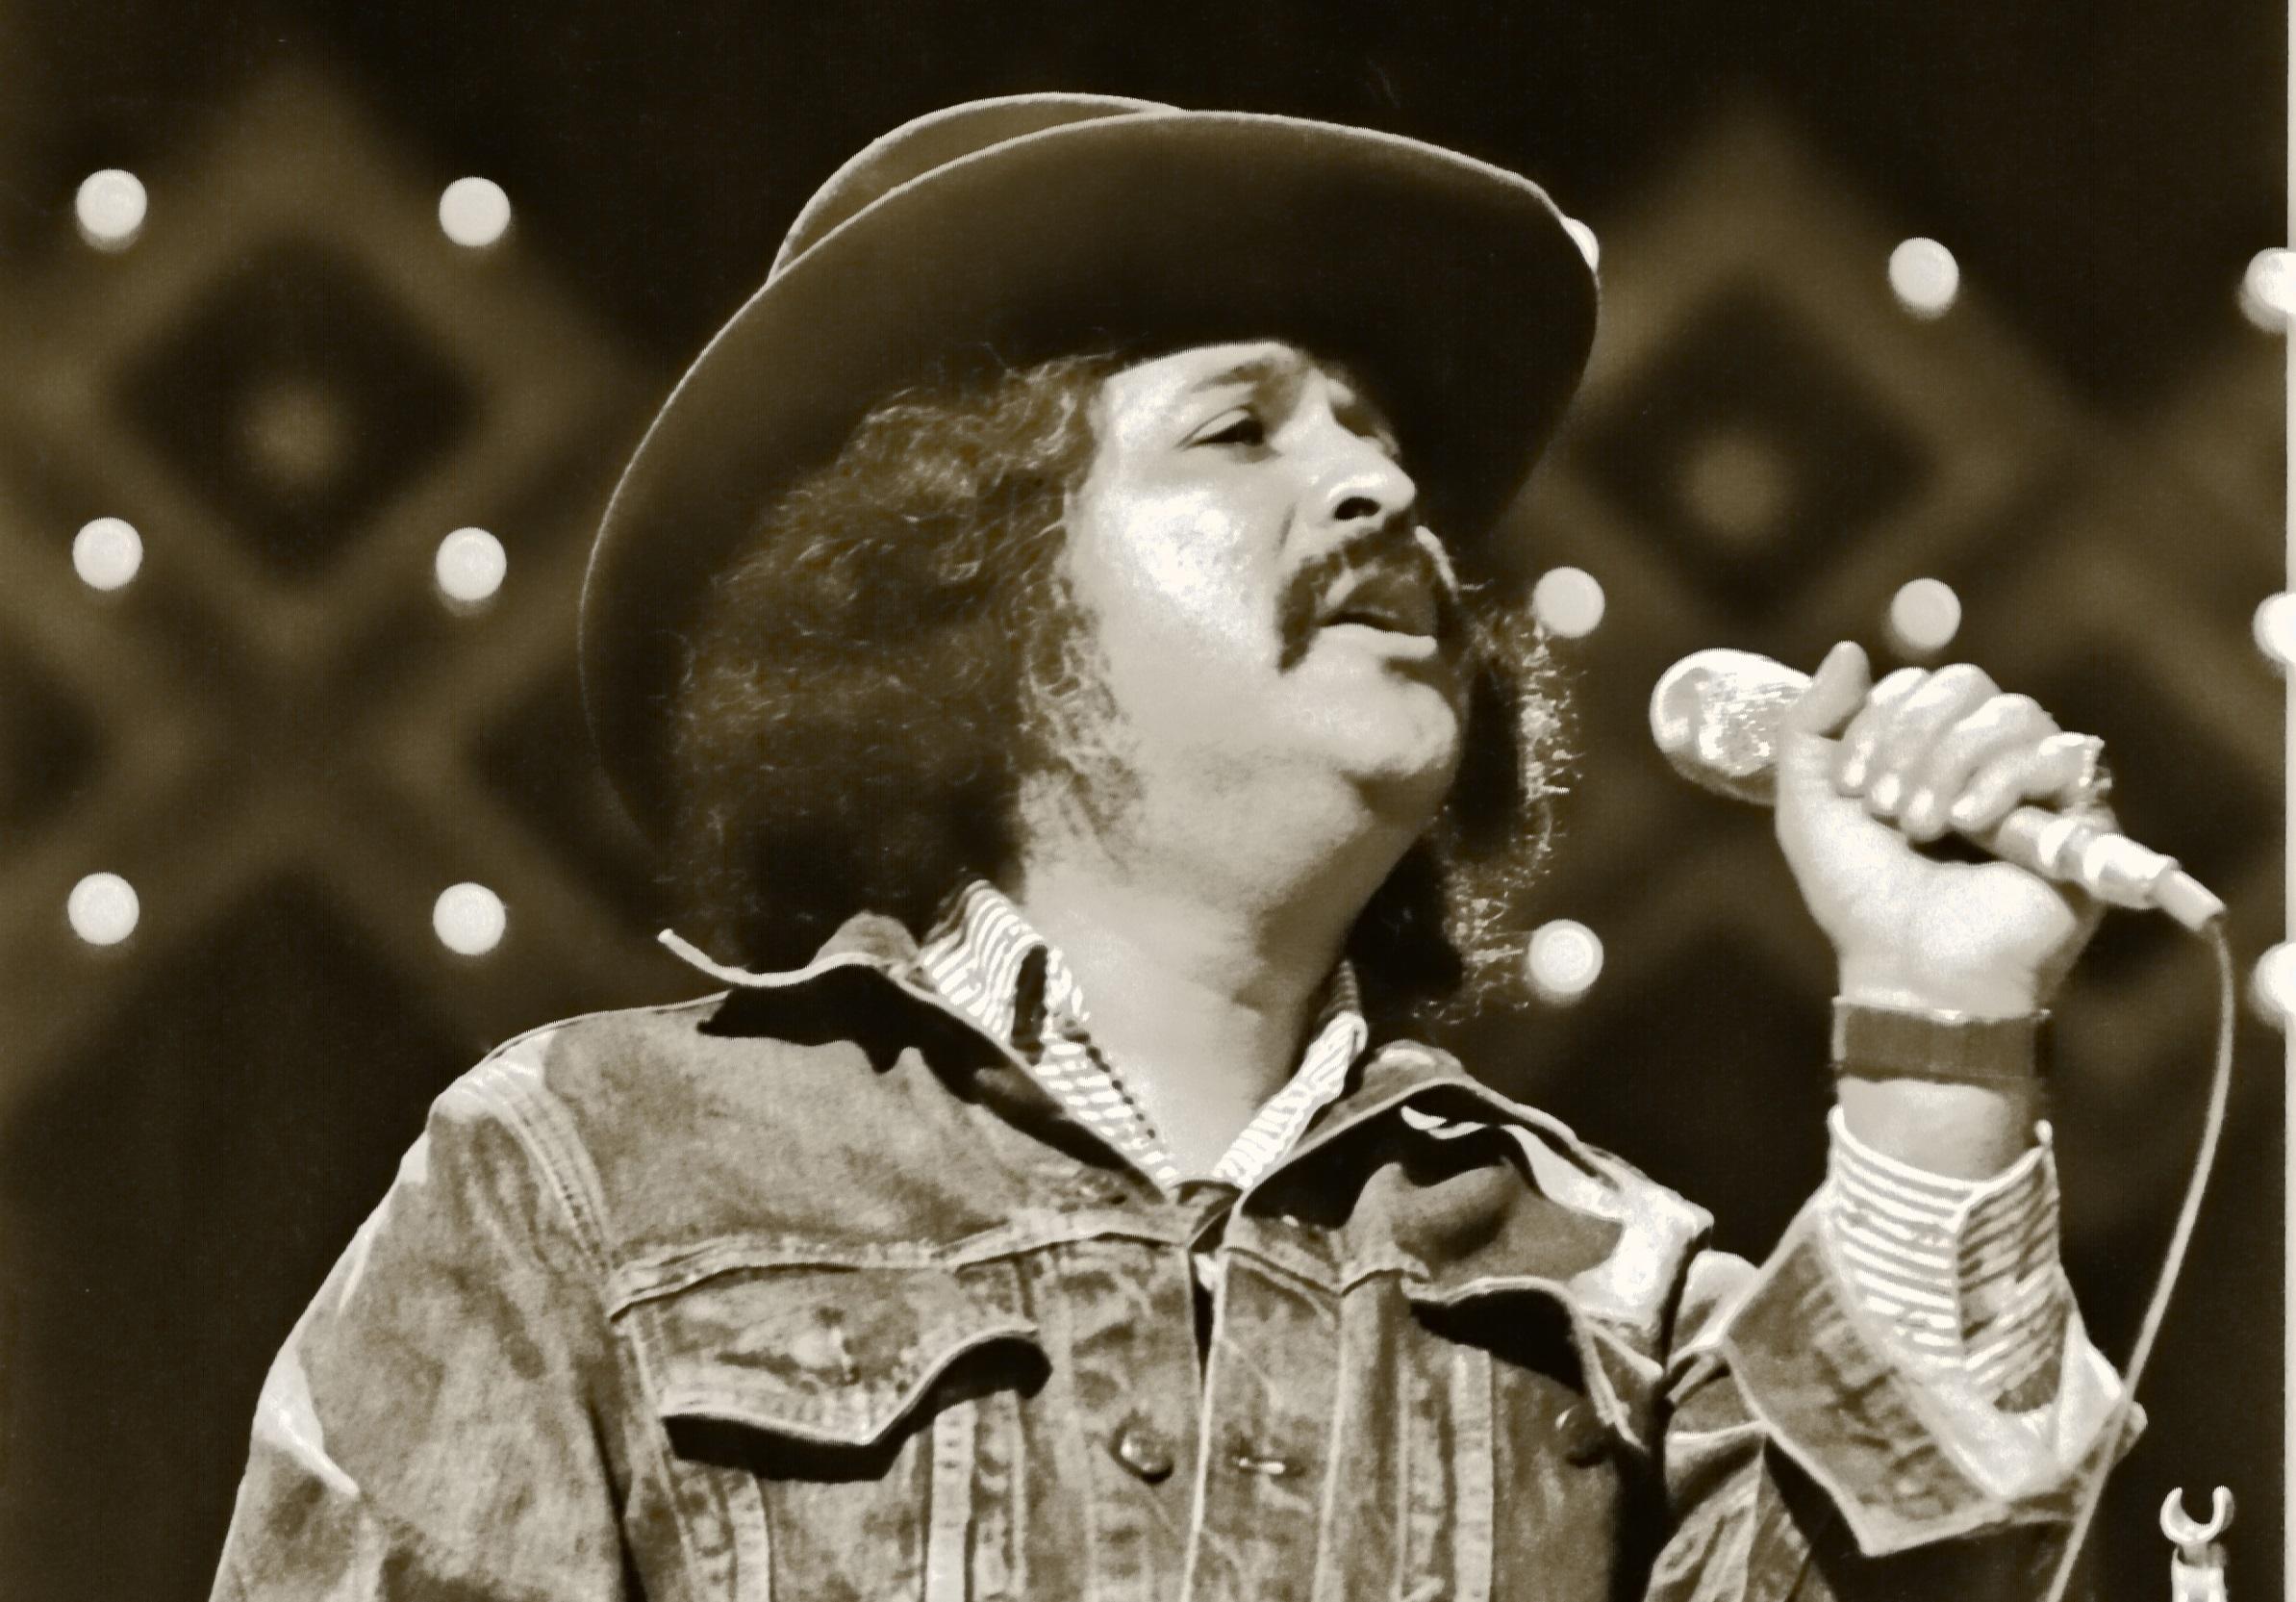 Freddy_Fender_singing_in_1977.jpg